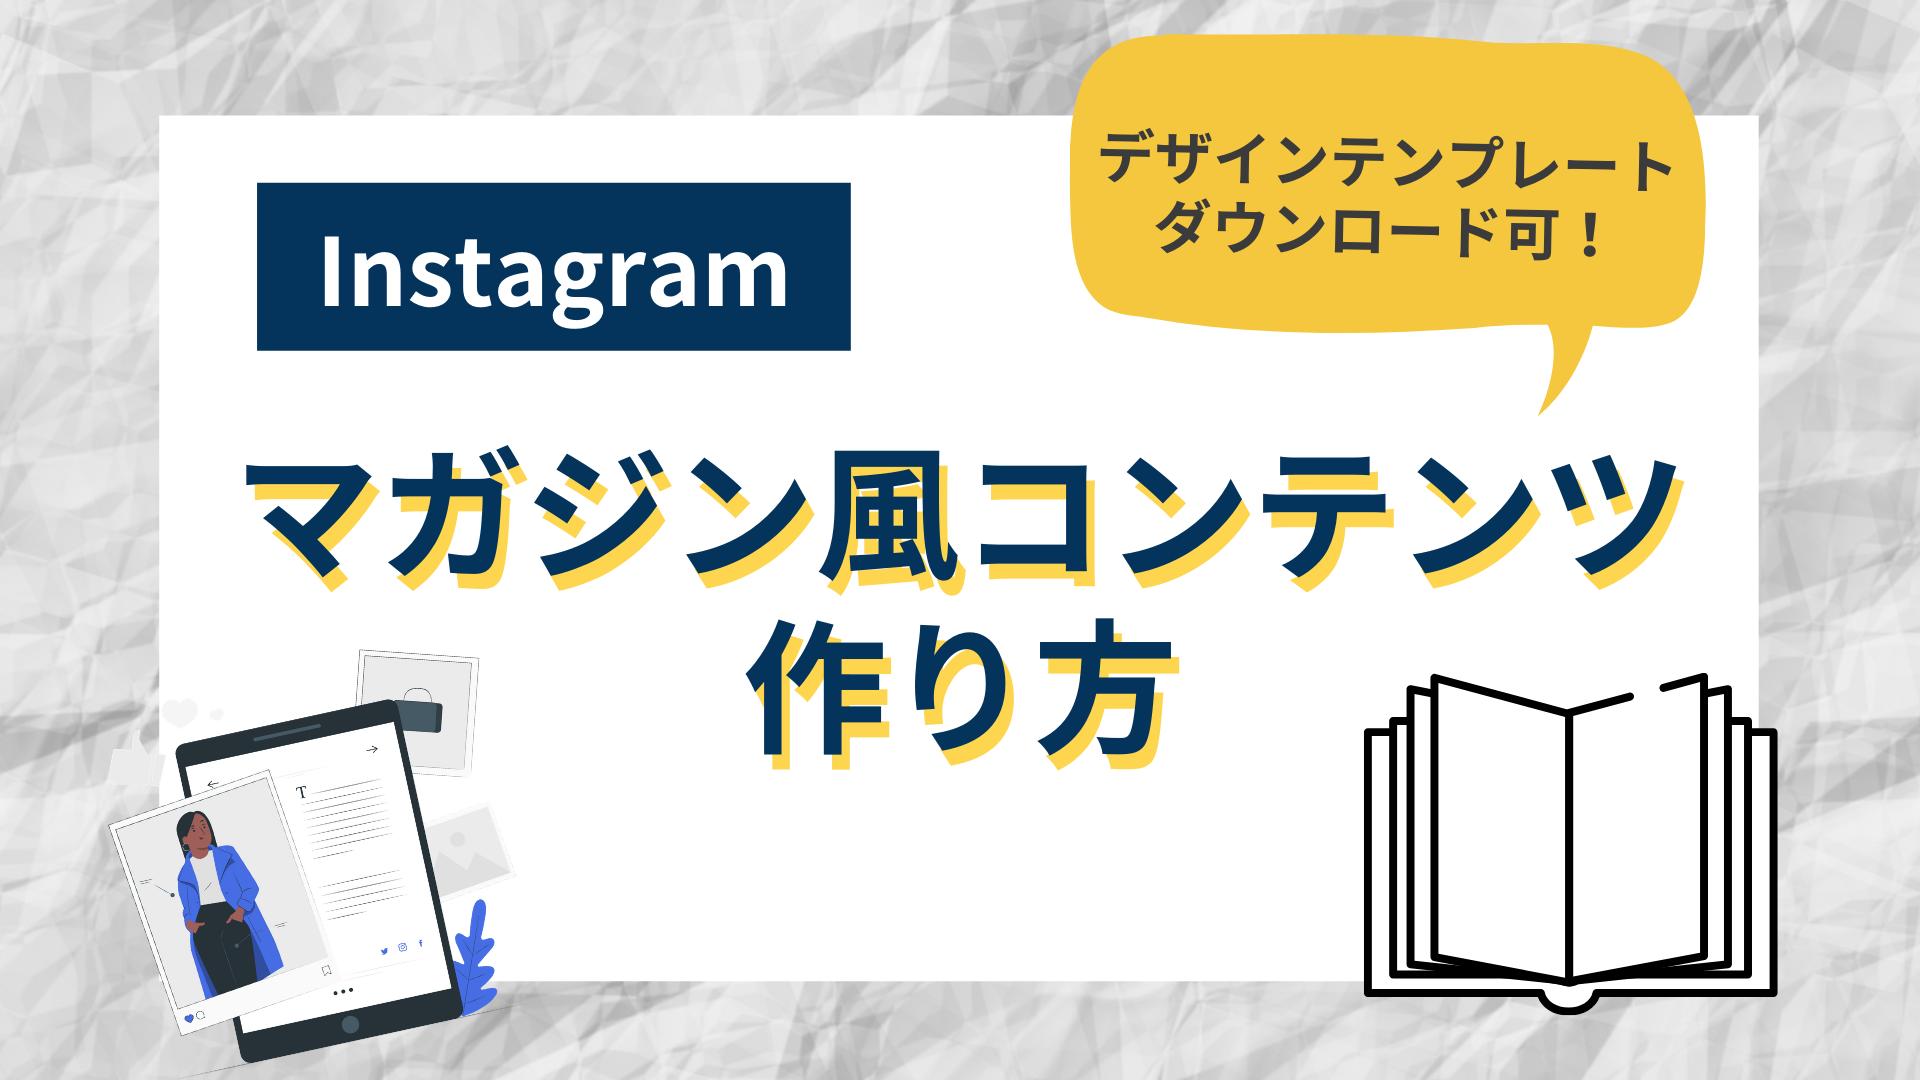 【テンプレート17種類ダウンロード可】Instagram「マガジン風コンテンツ」の作り方